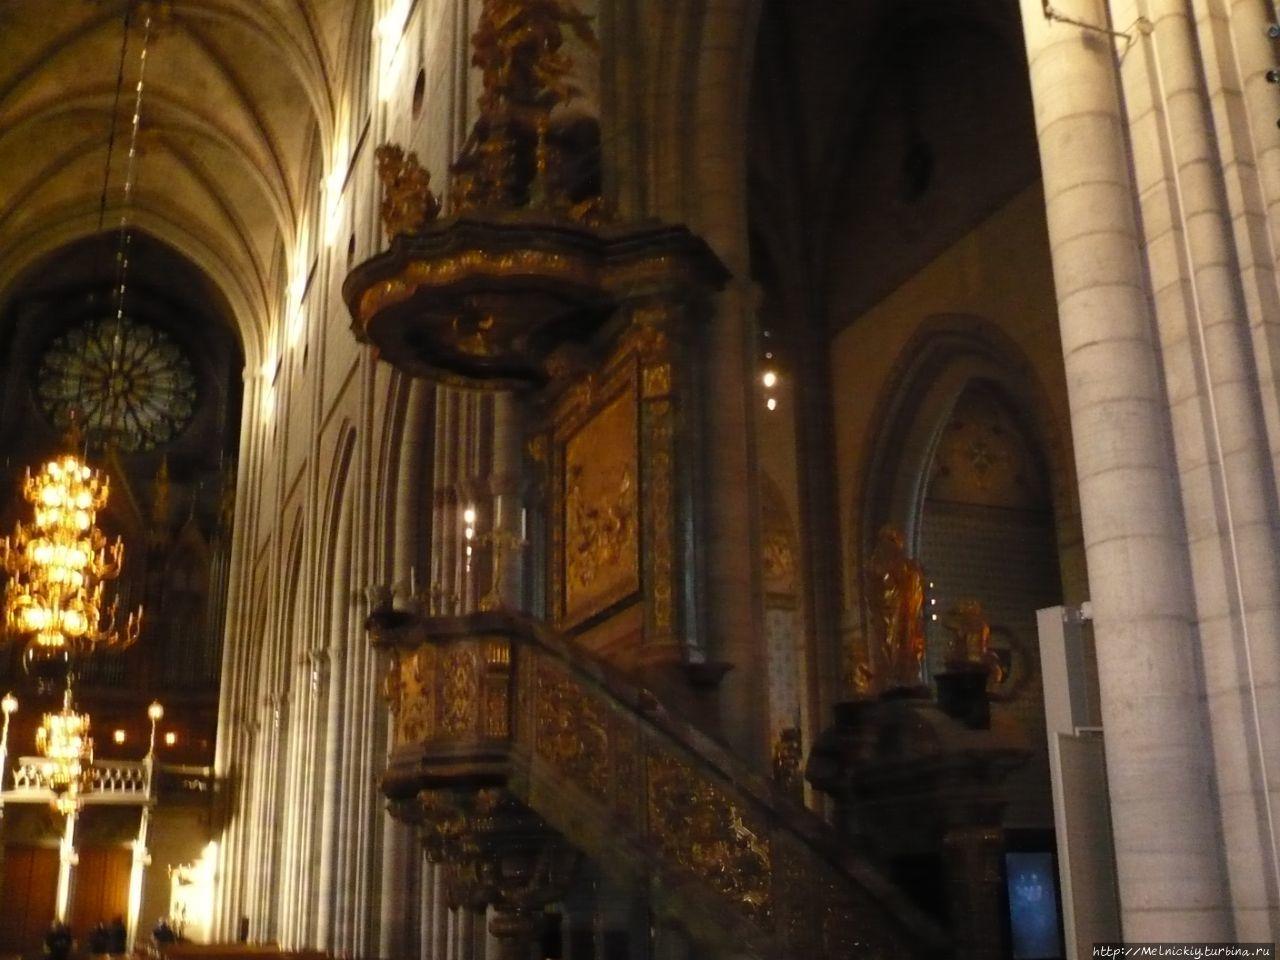 Кафедральный собор Уппсалы Уппсала, Швеция